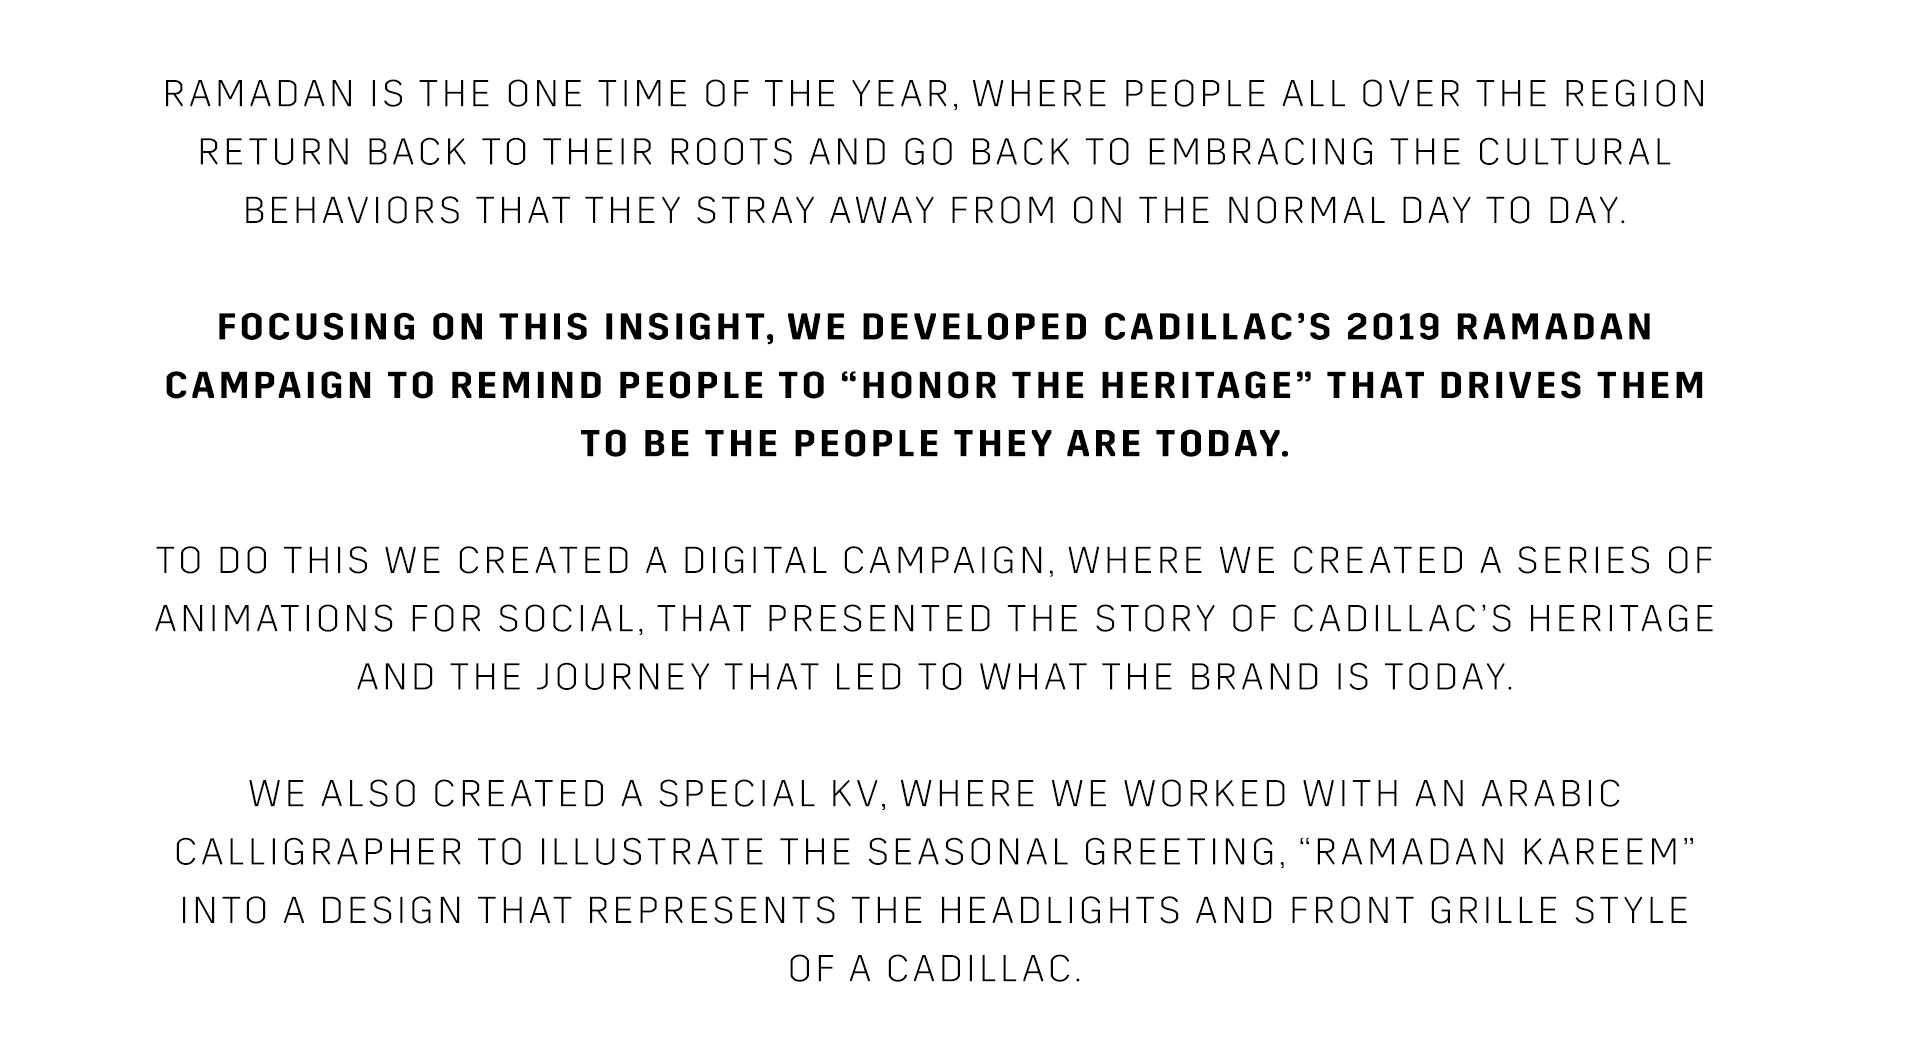 CADILLAC ramadan 2019.jpg